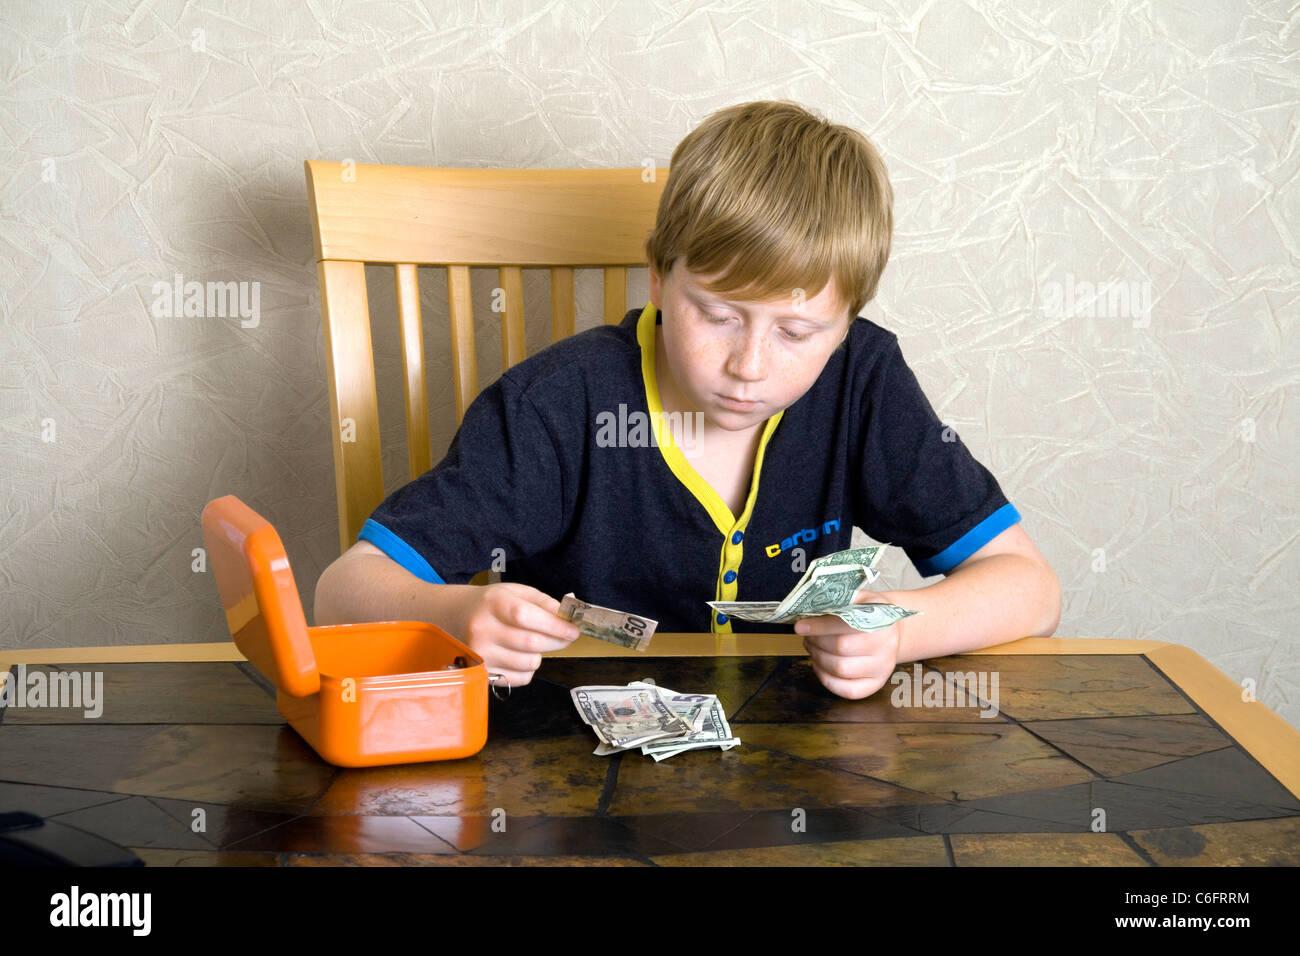 Un garçon de 12 ans à compter les dollars américains Banque D'Images